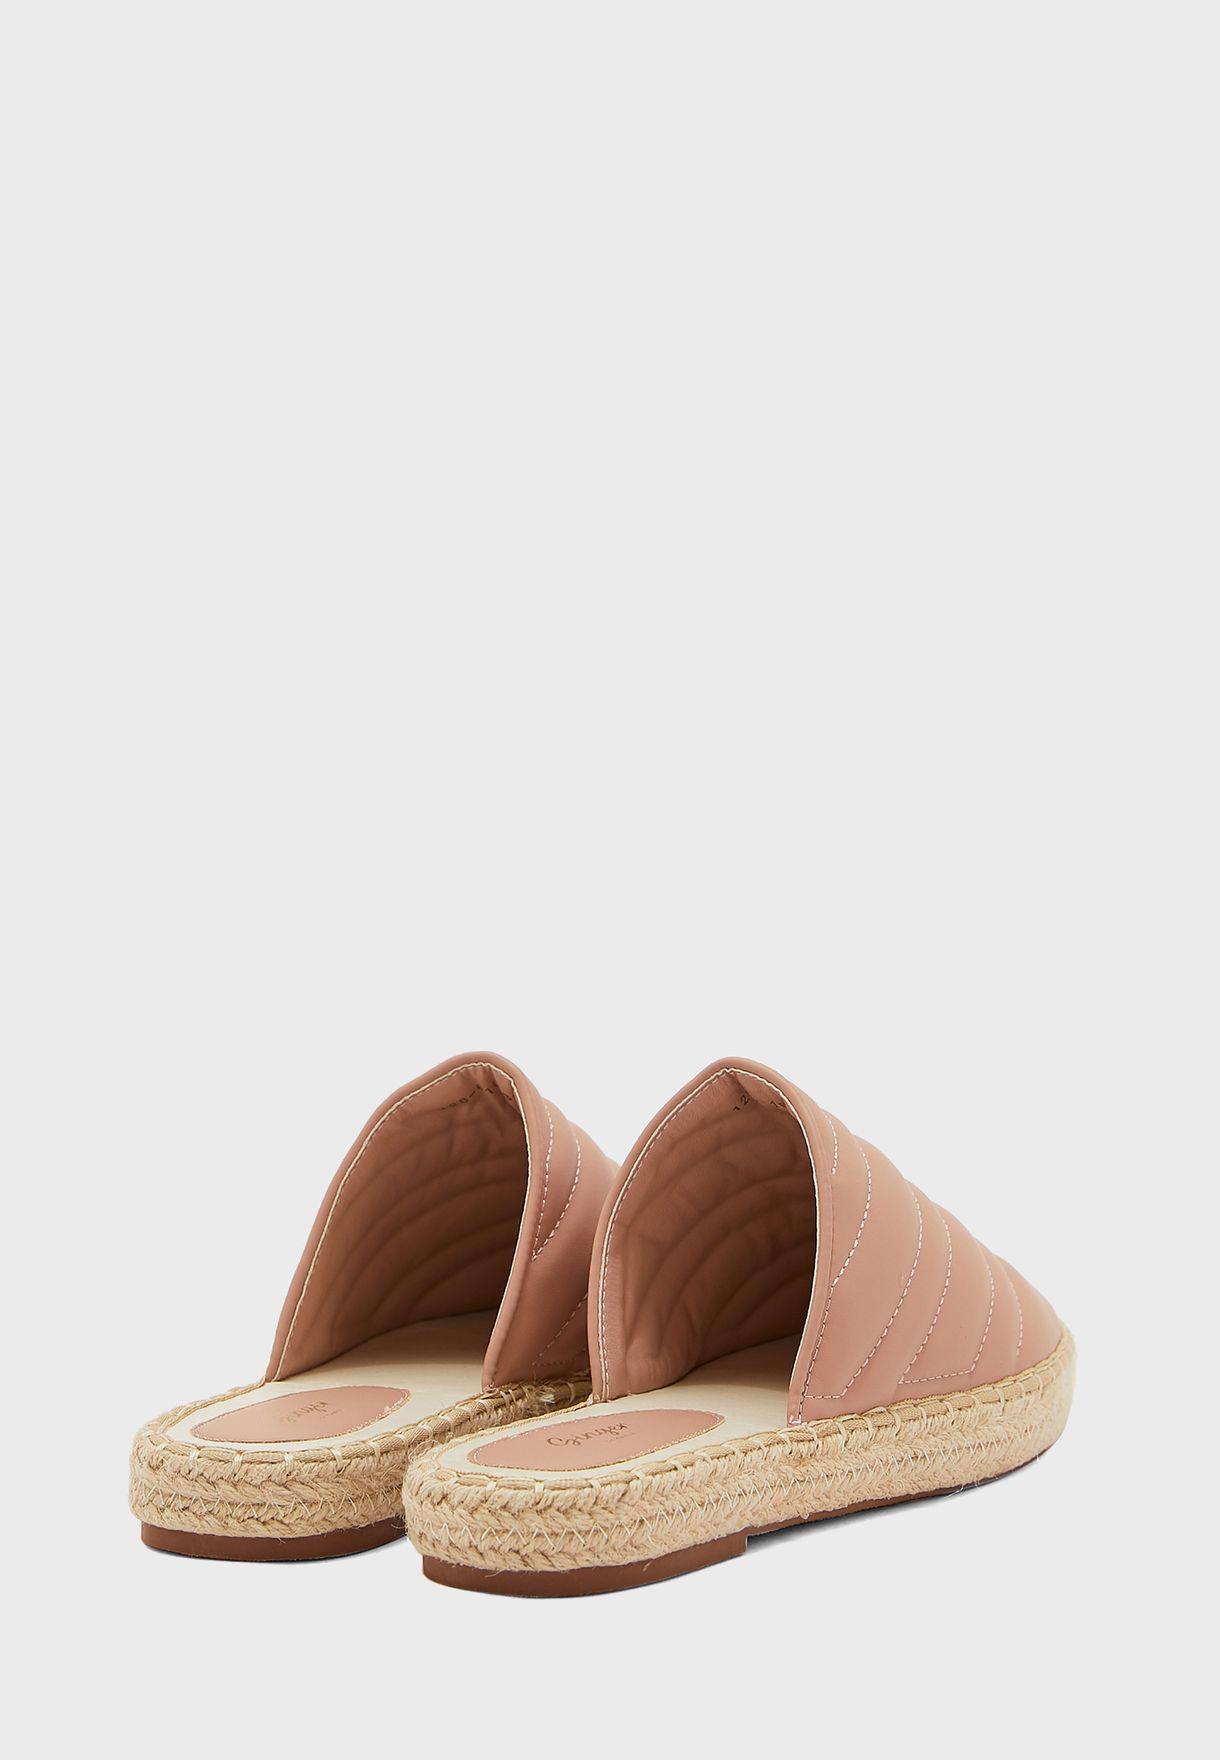 حذاء بمقدمة دائرية